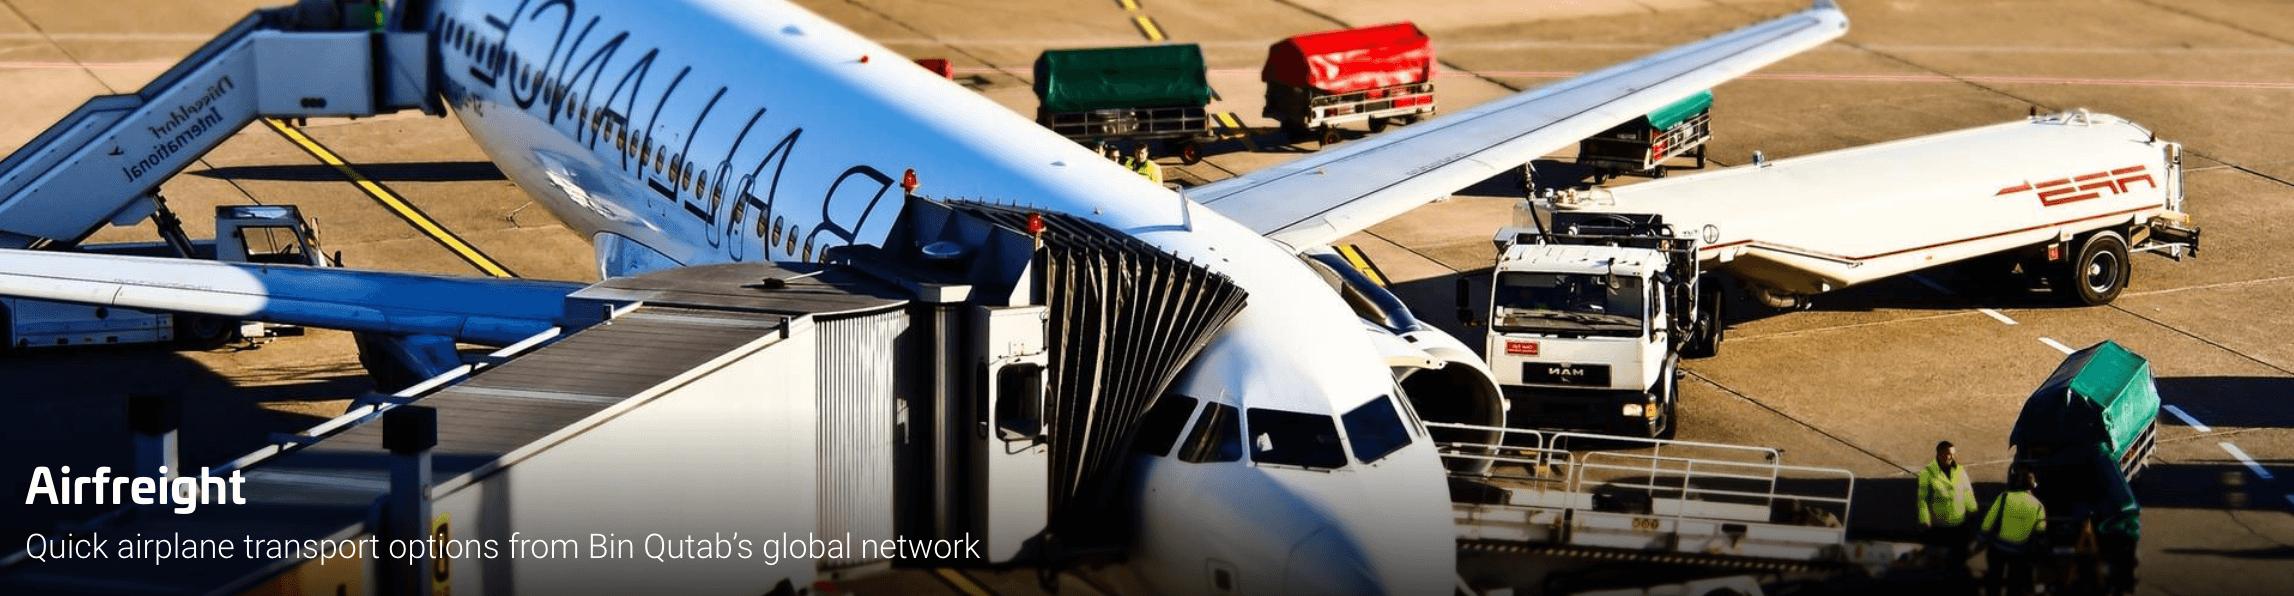 Bin Qutab Group | Air Freight | Supply Chain Management | Bin Qutab